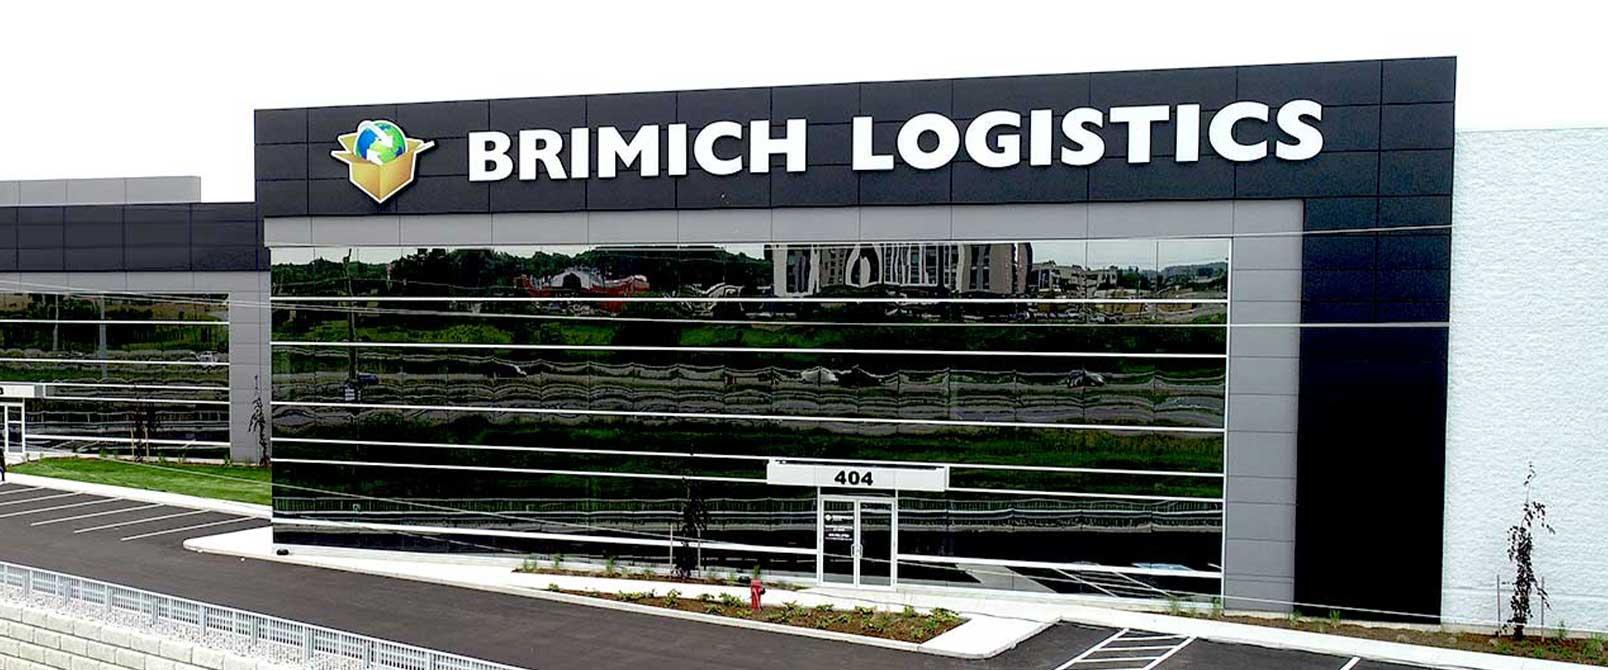 Brimich Logistics & Transportation